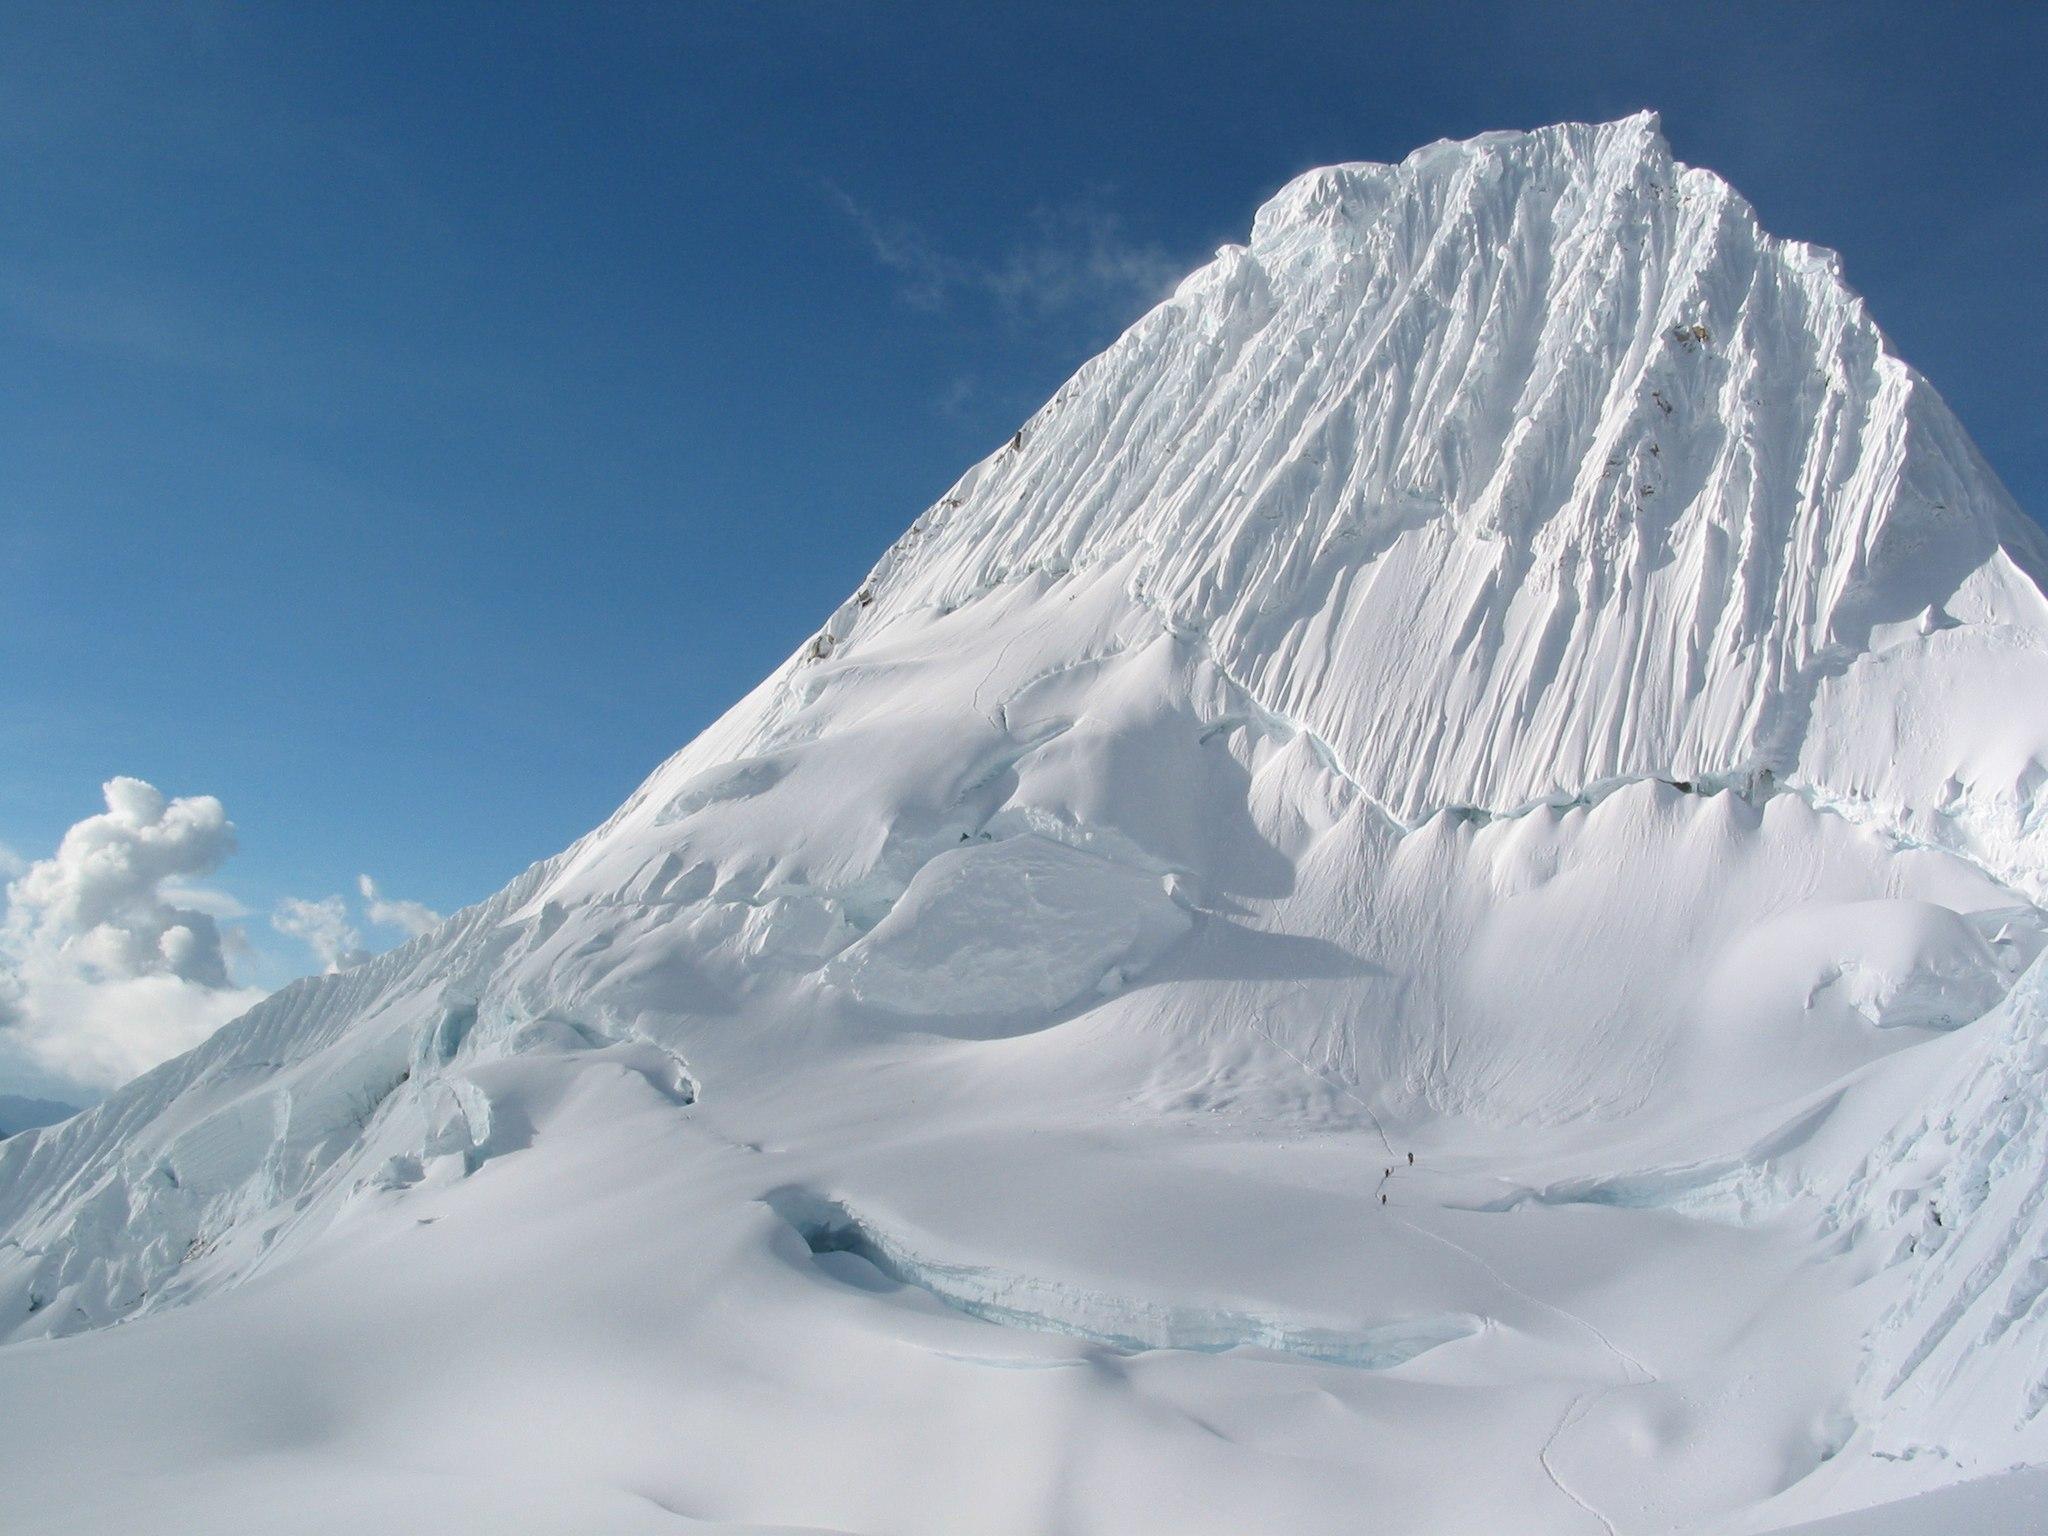 Alpamayo - Trekkings no Peru - 15 caminhadas de norte a sul